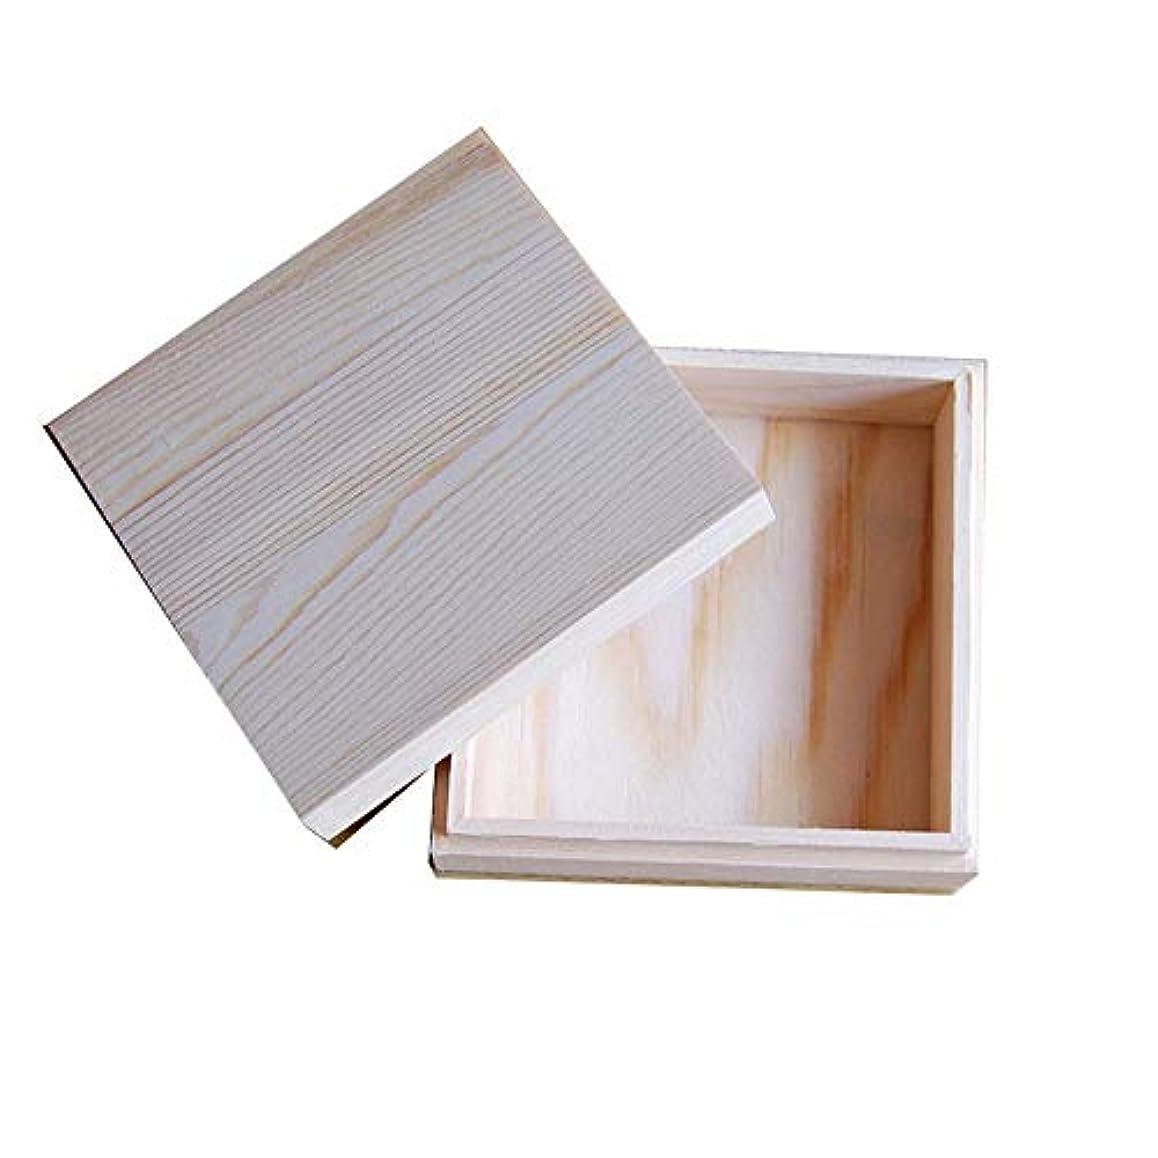 軍隊天才自分のエッセンシャルオイルの保管 木製のエッセンシャルオイルストレージボックス安全に油を維持するためのベスト (色 : Natural, サイズ : 11.5X11.5X5CM)